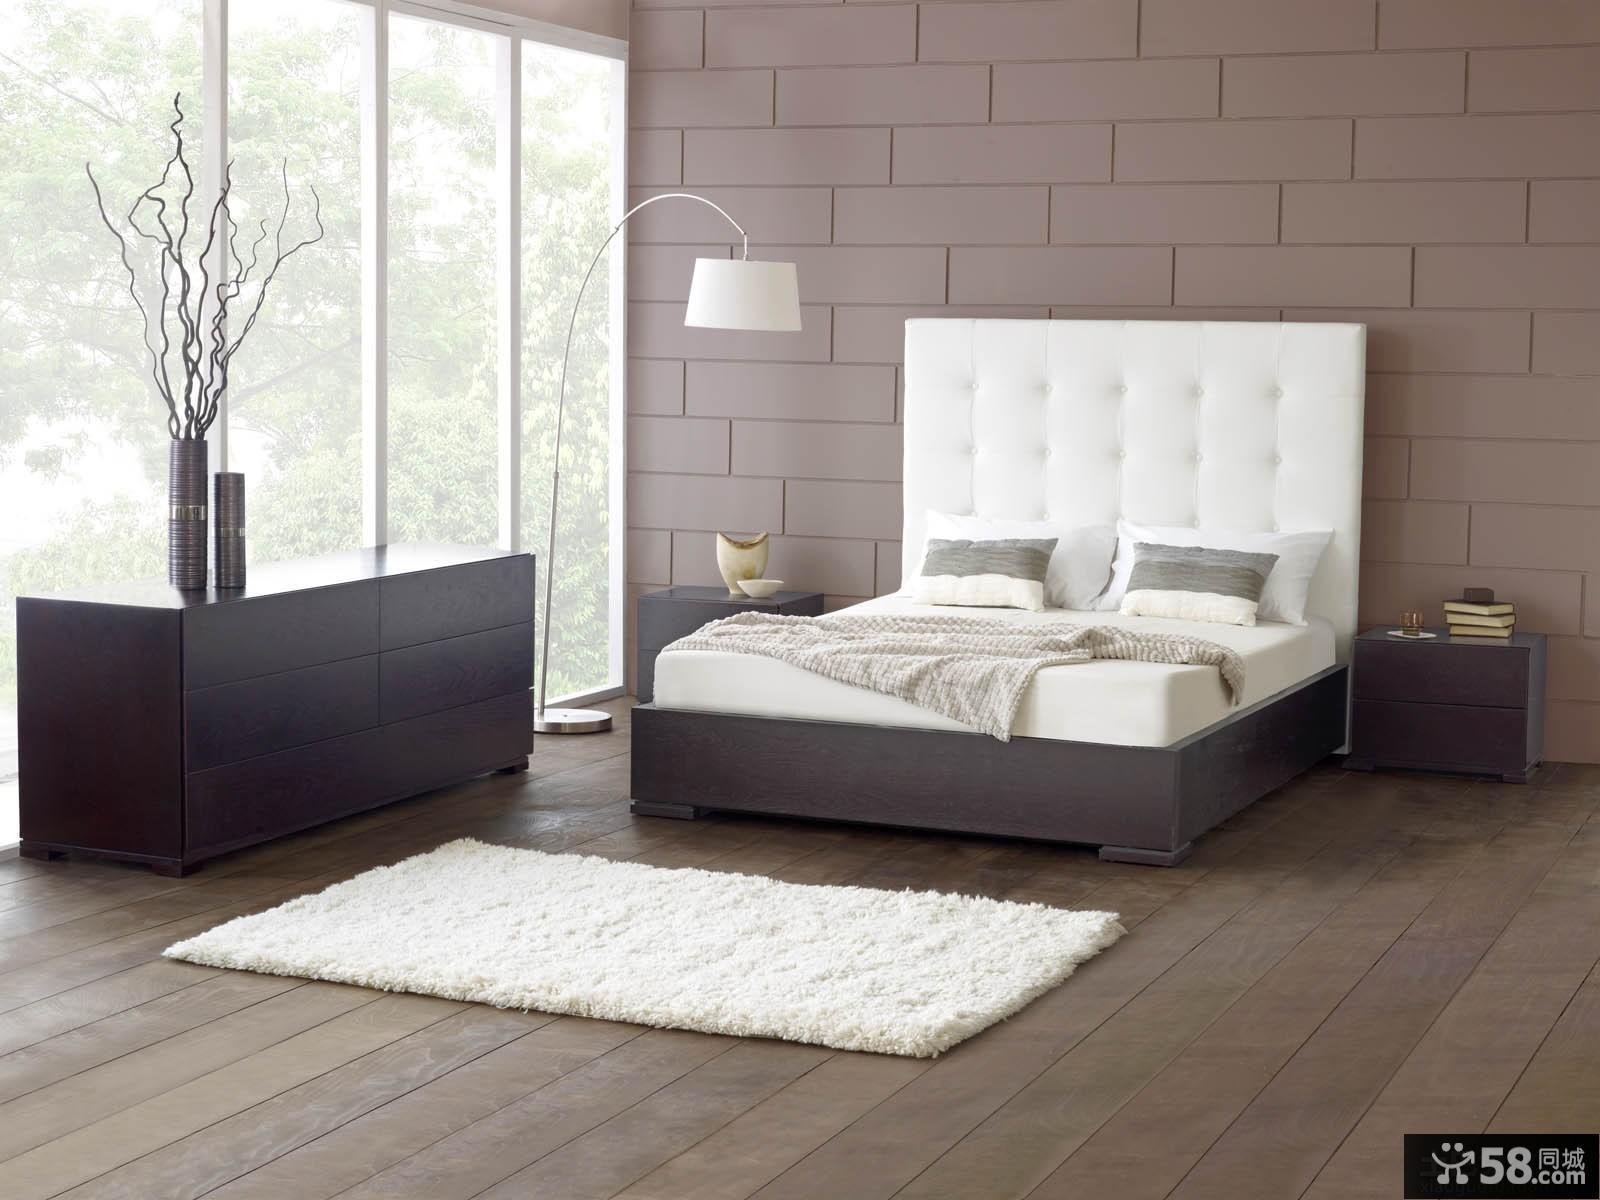 后现代家具卧室床图片